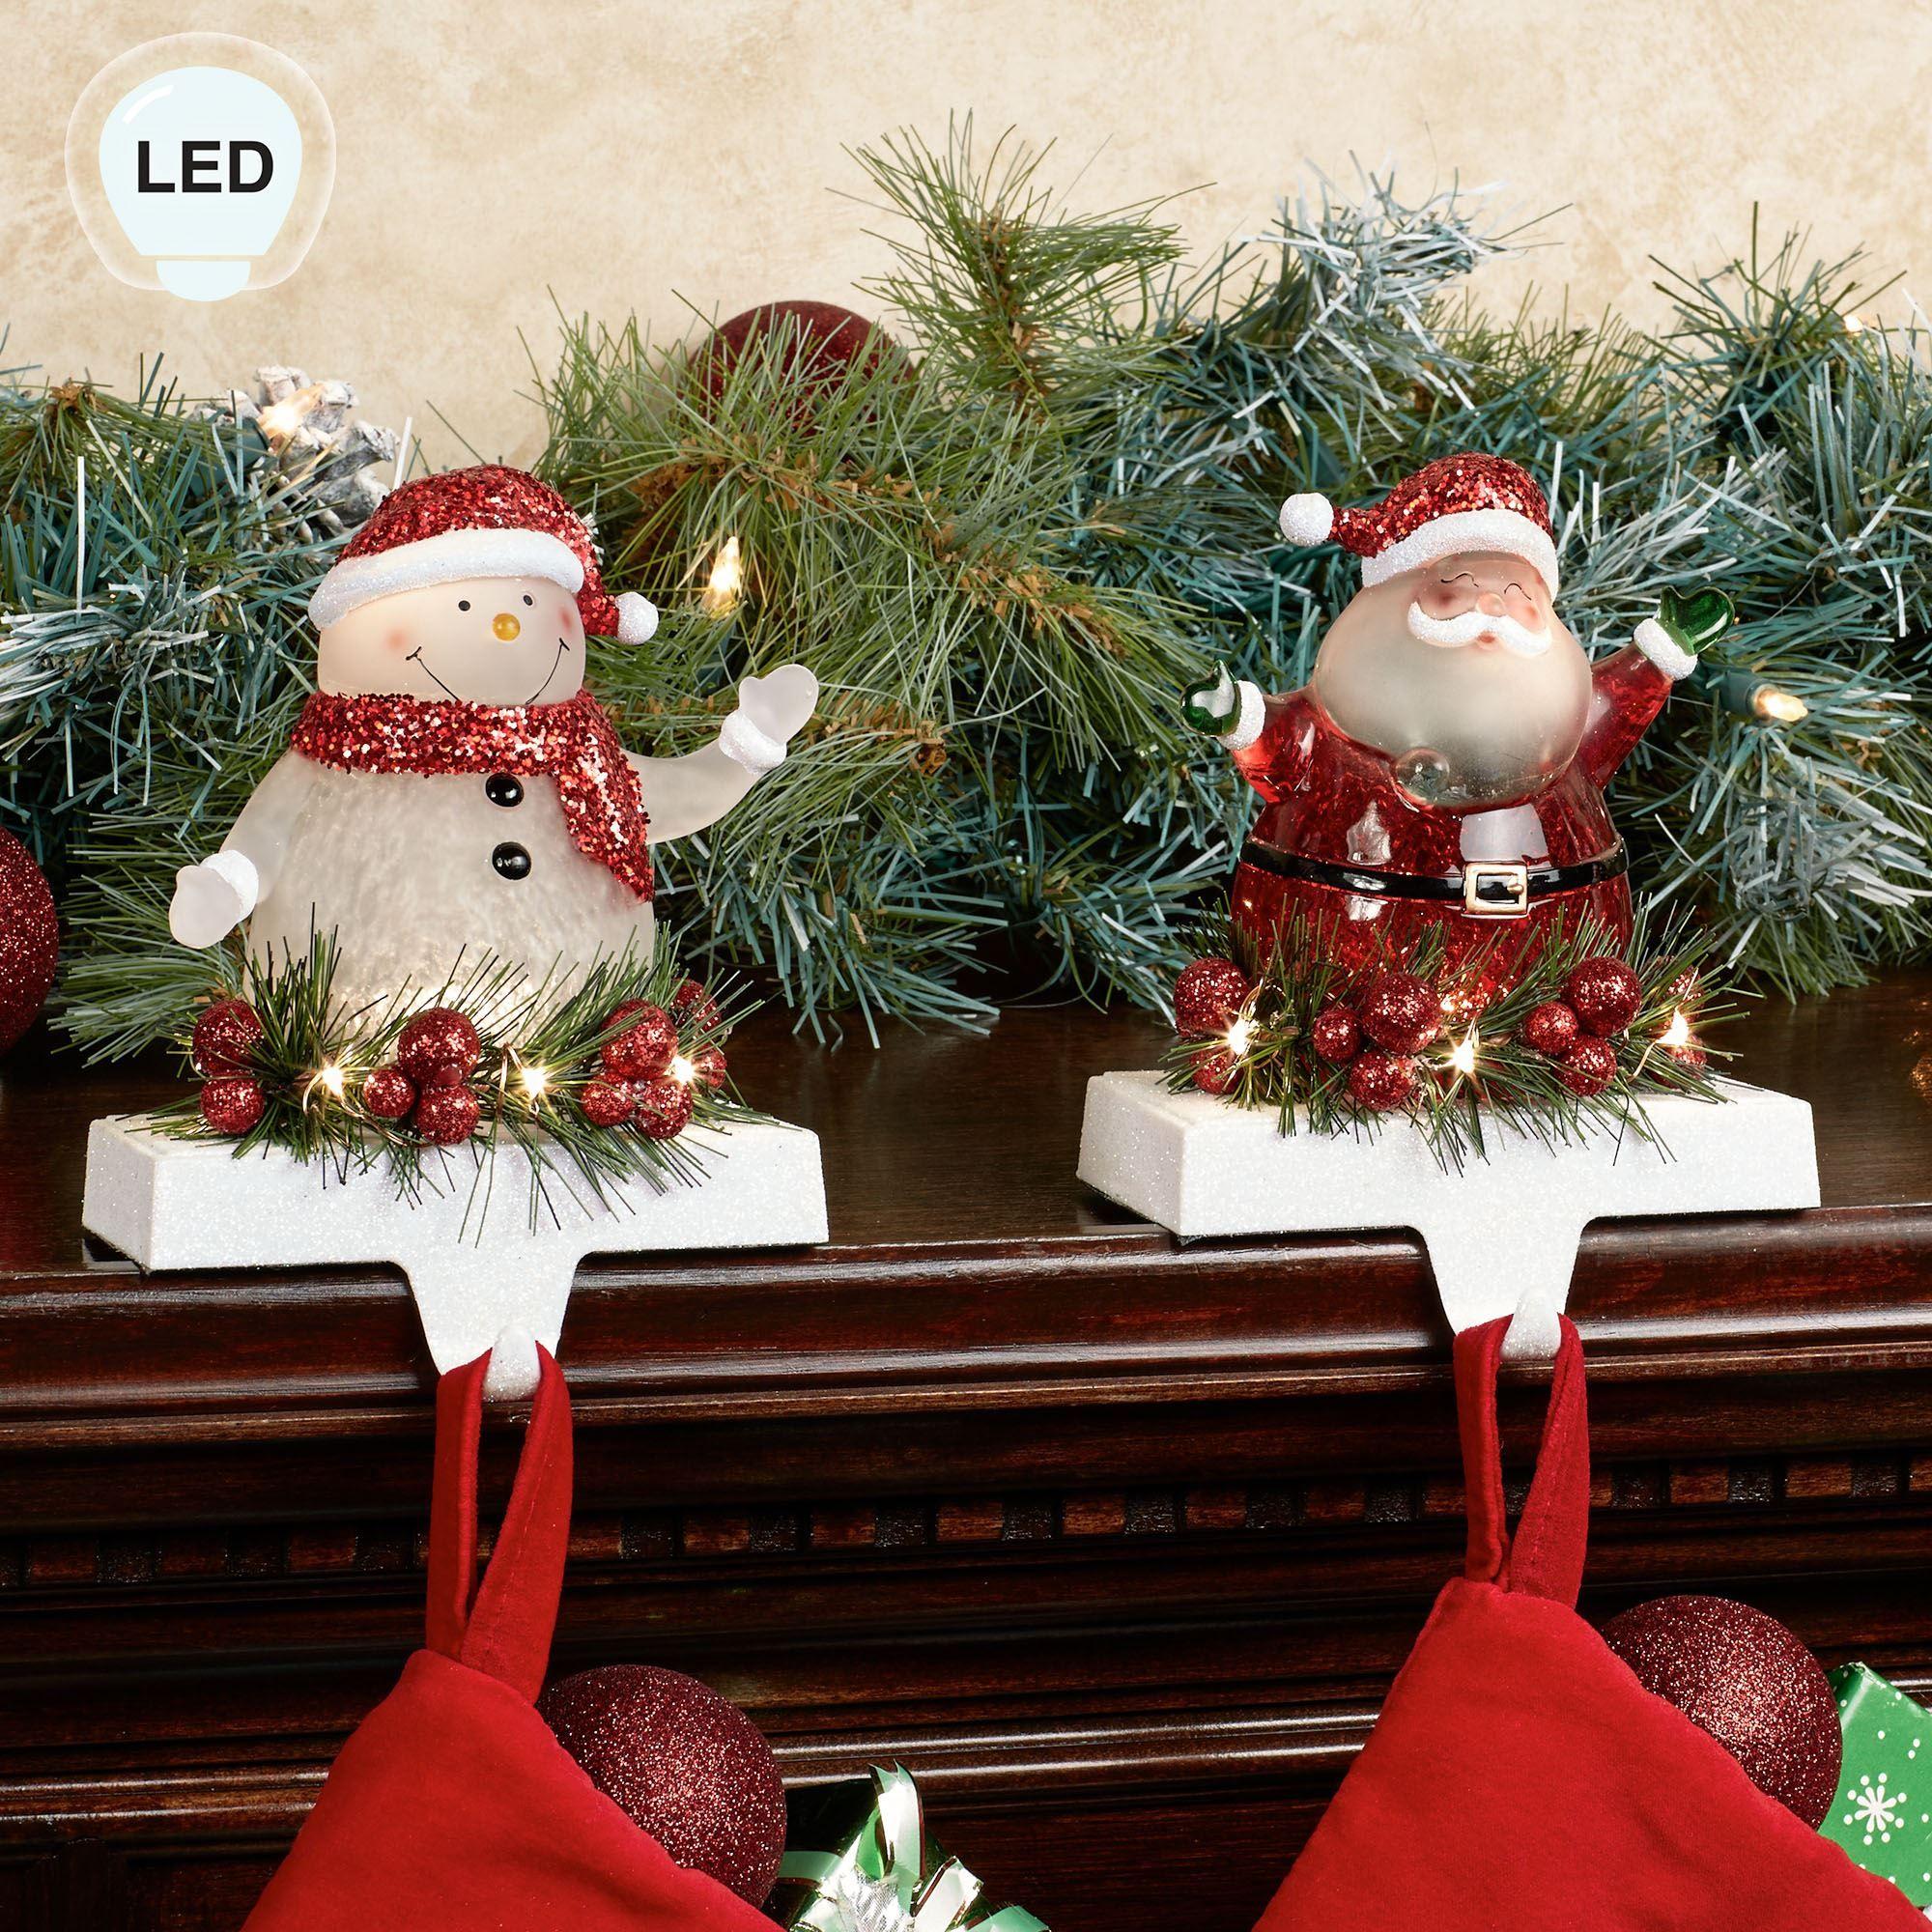 Christmas Stocking Holder.Jolly Led Lighted Christmas Stocking Holder Set By Roman